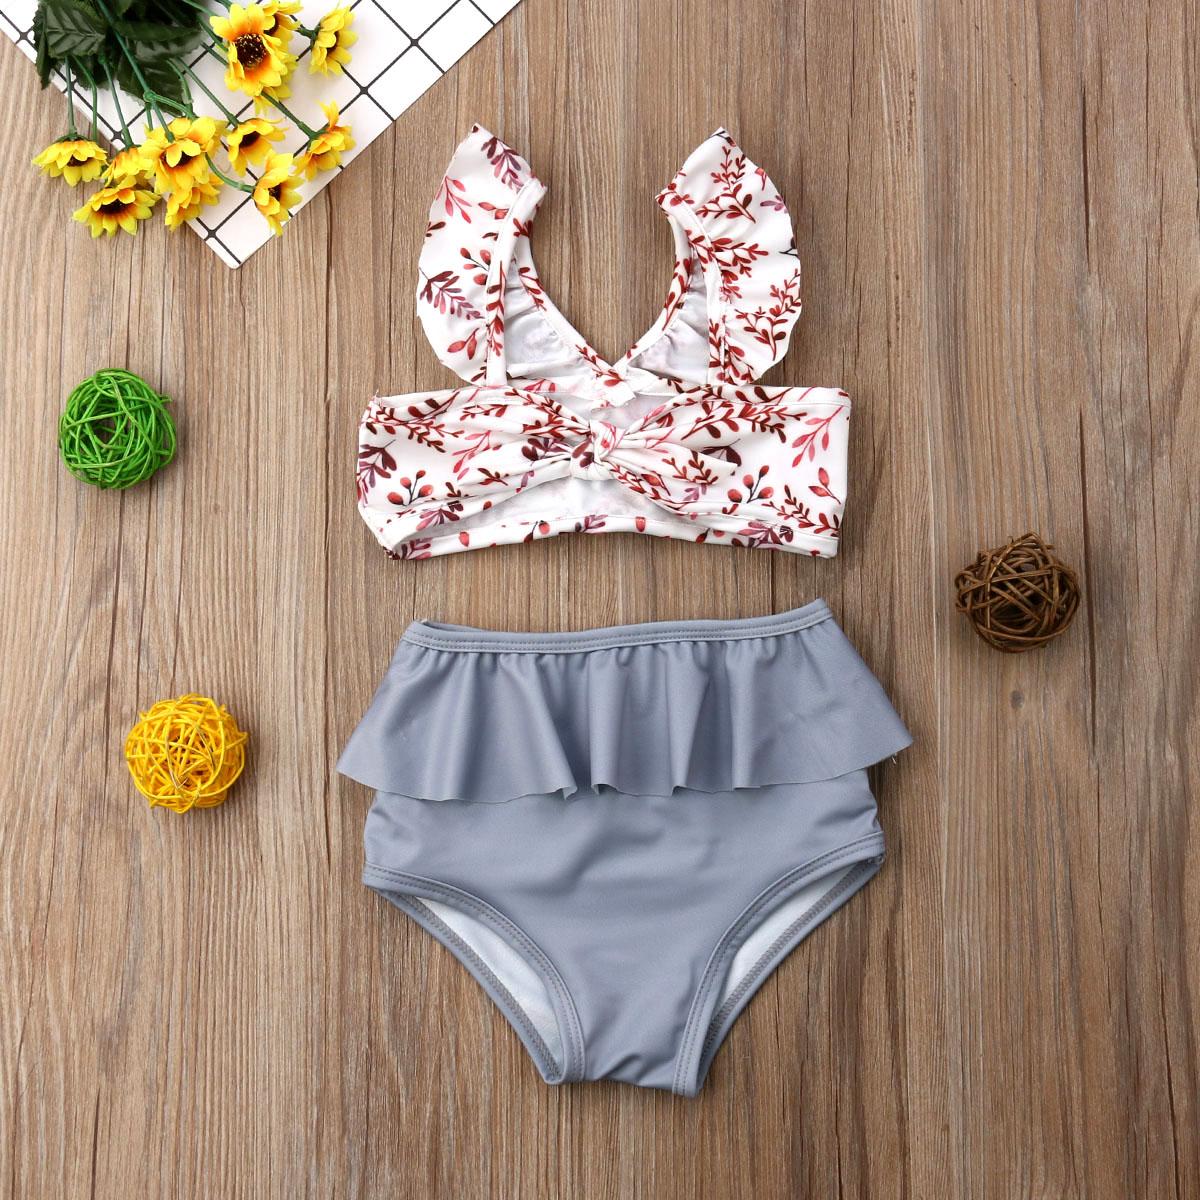 Лидер продаж, комплект из 2 предметов для маленьких девочек, Леопардовый цветочный принт, купальный костюм, бандаж, оборки, детский пляжный л... 22